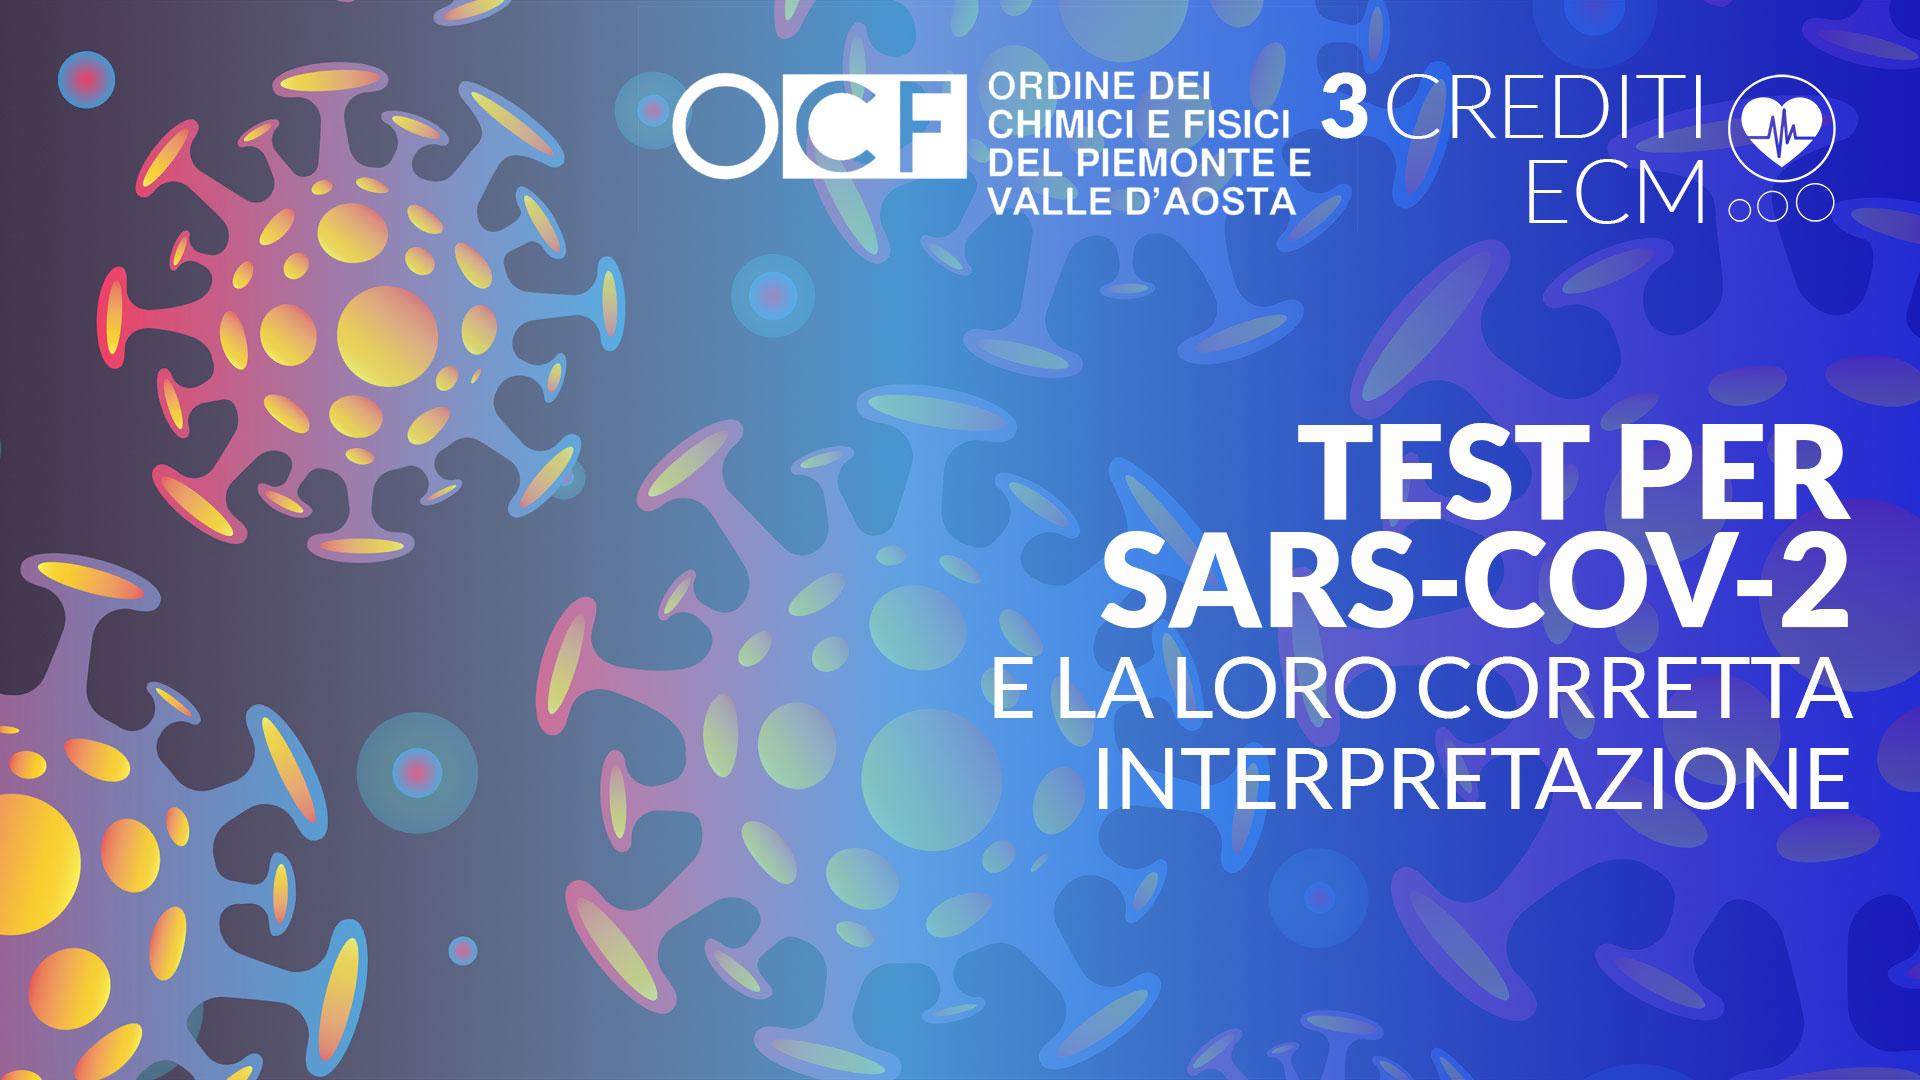 OCF ordine dei chimici e dei fisici test sars cov 2